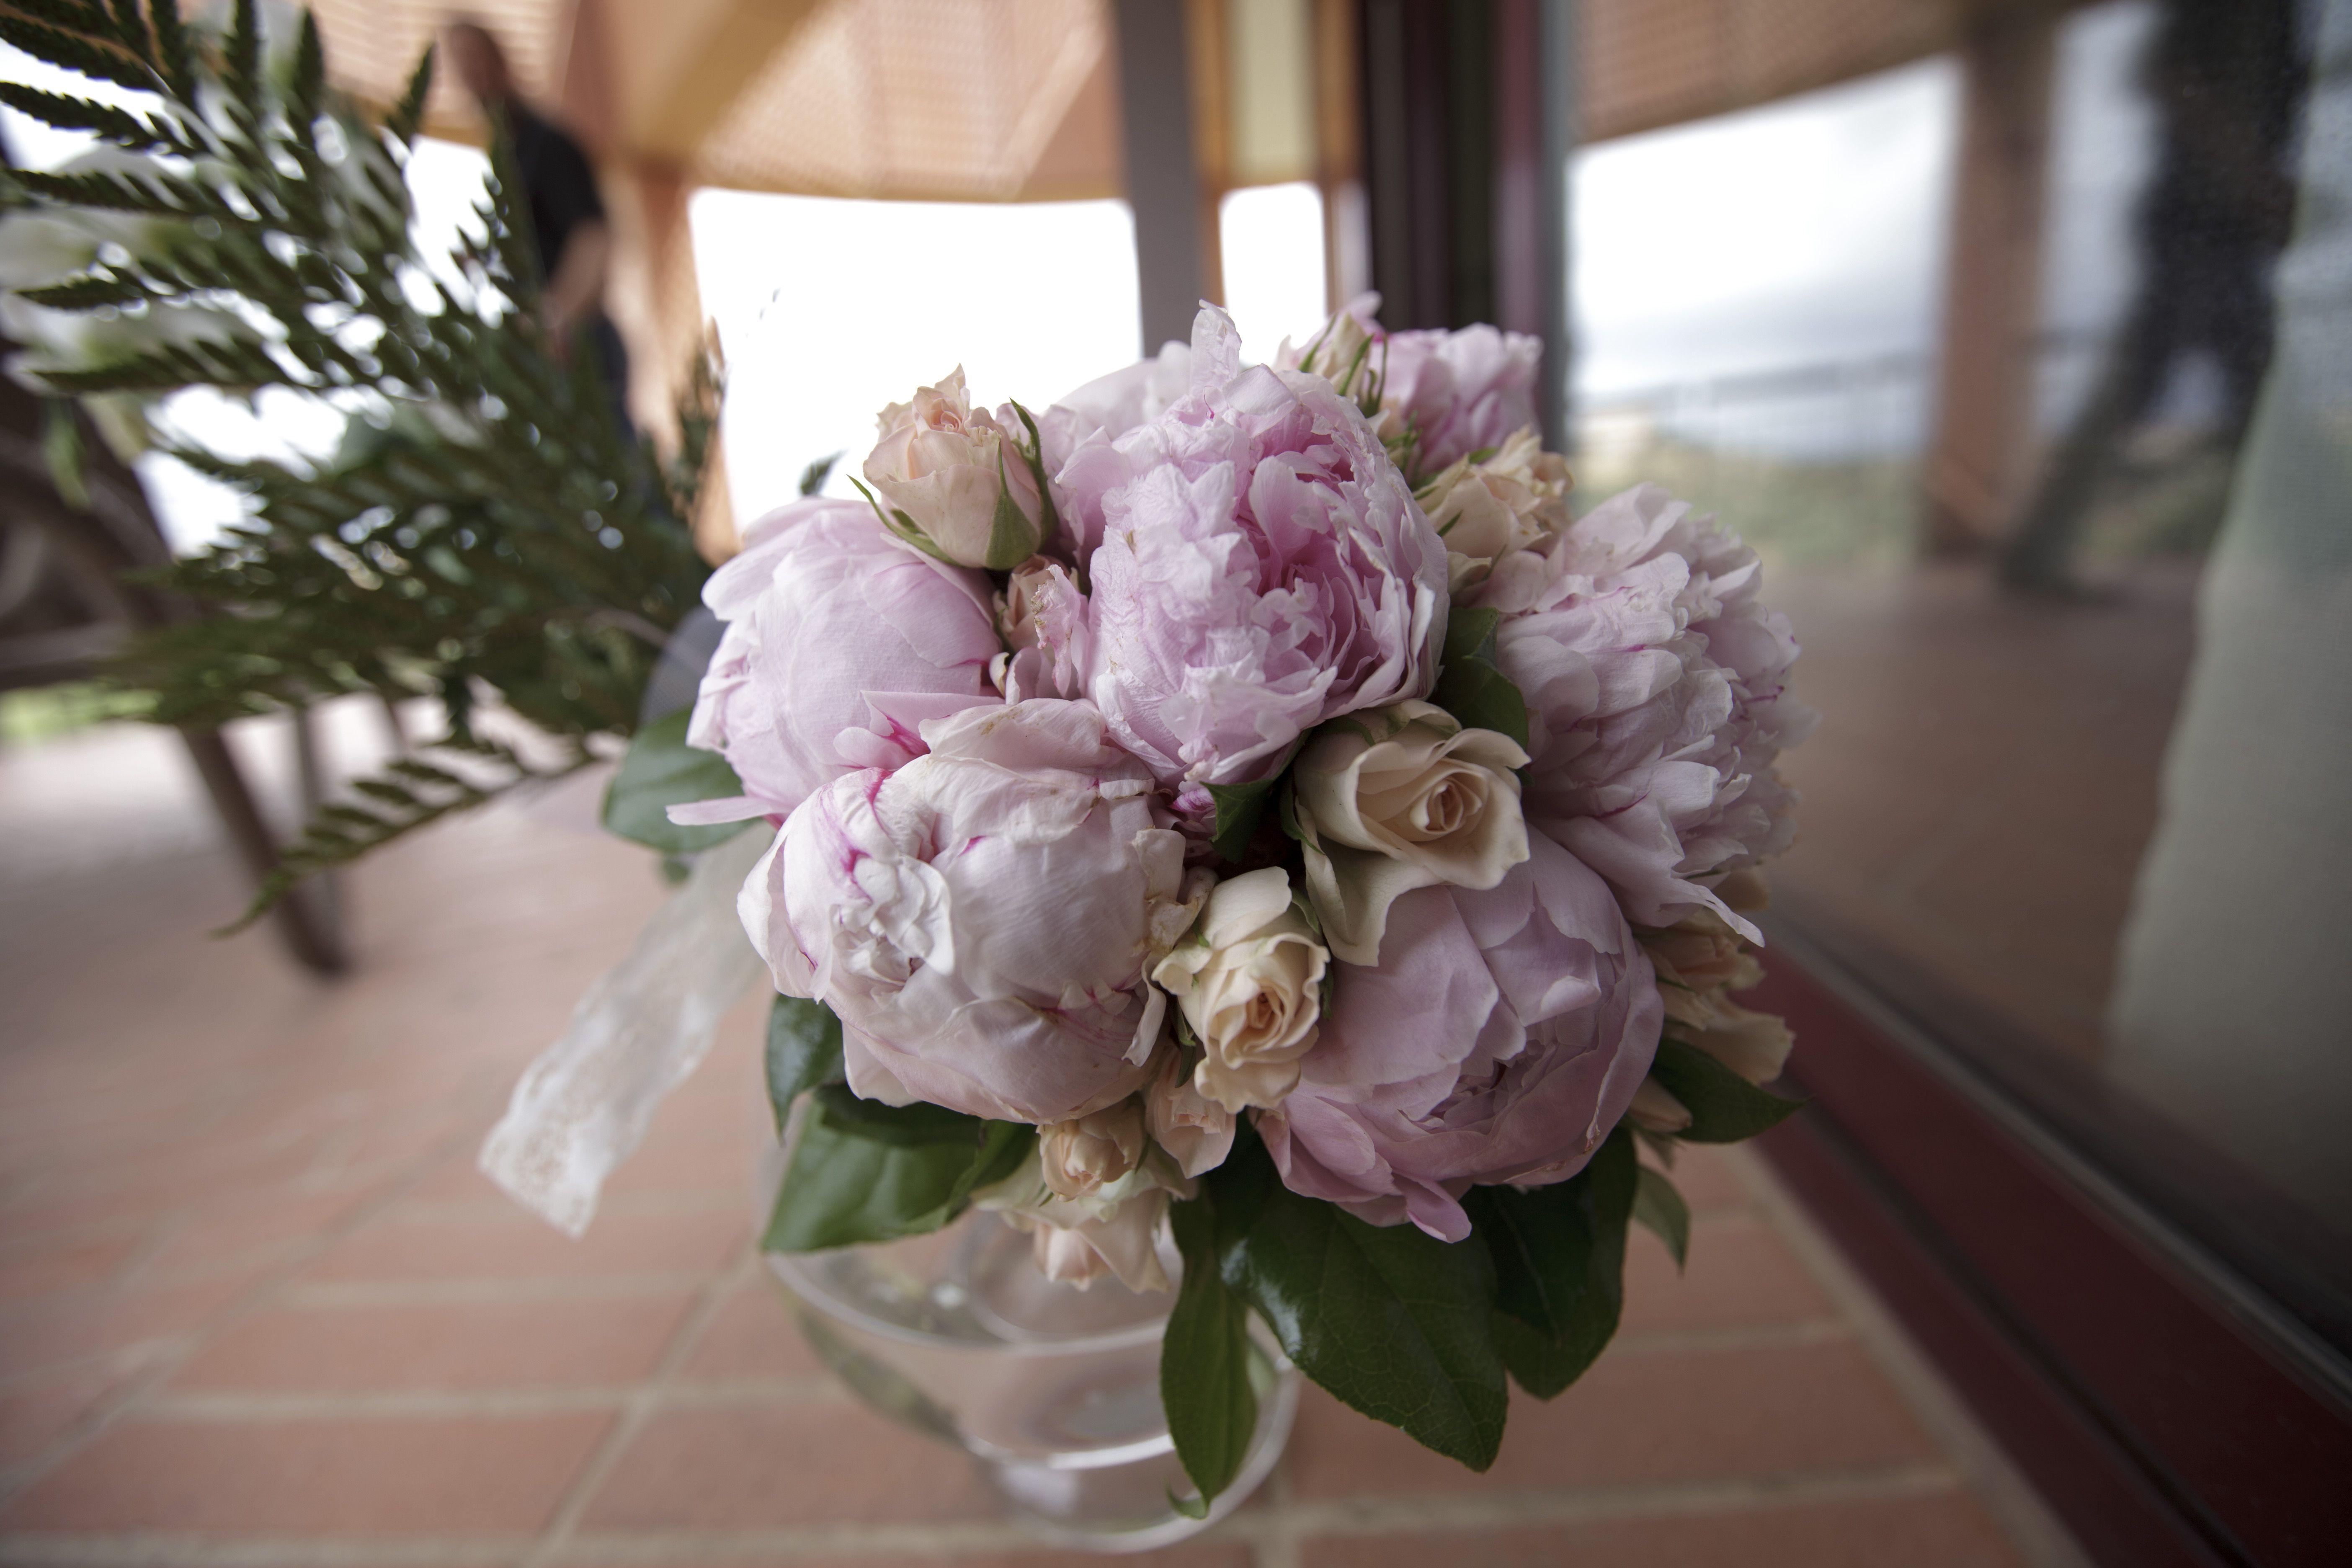 Ramo o bouquet de novia de floristería Pecci arte floral ,de Toledo. Realizado por Pilar Arriaga Pecci. www.pecci.es